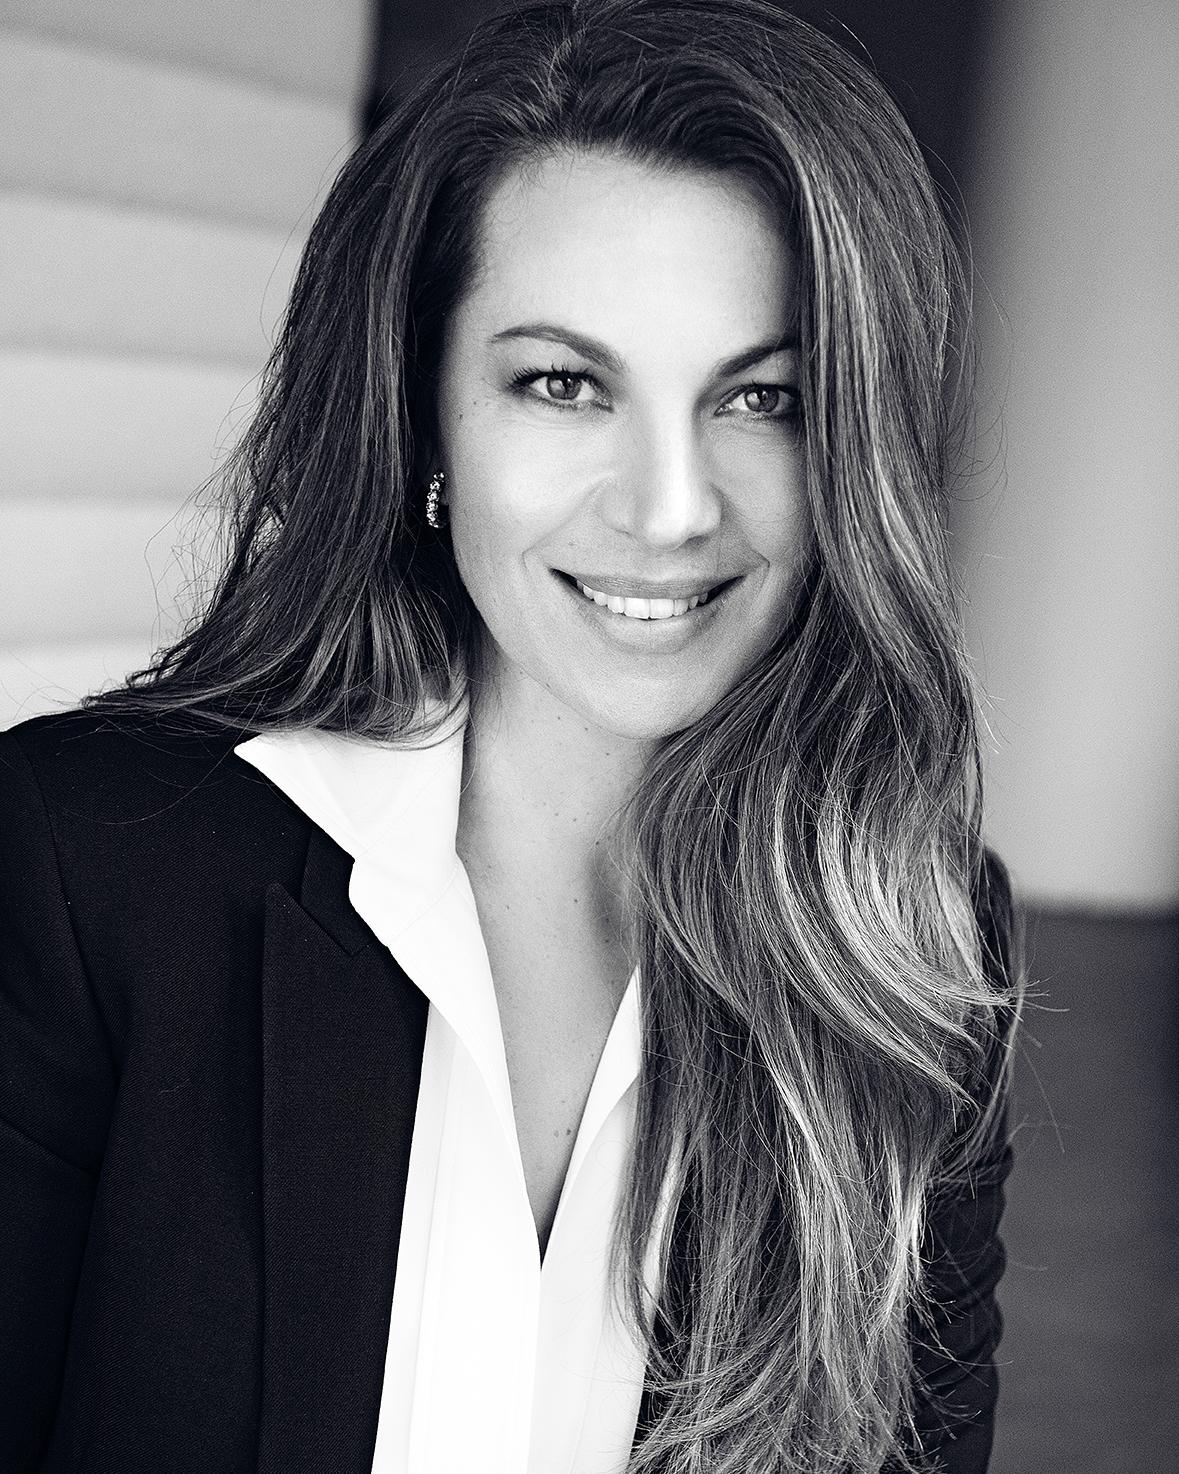 Ilona Mancikova